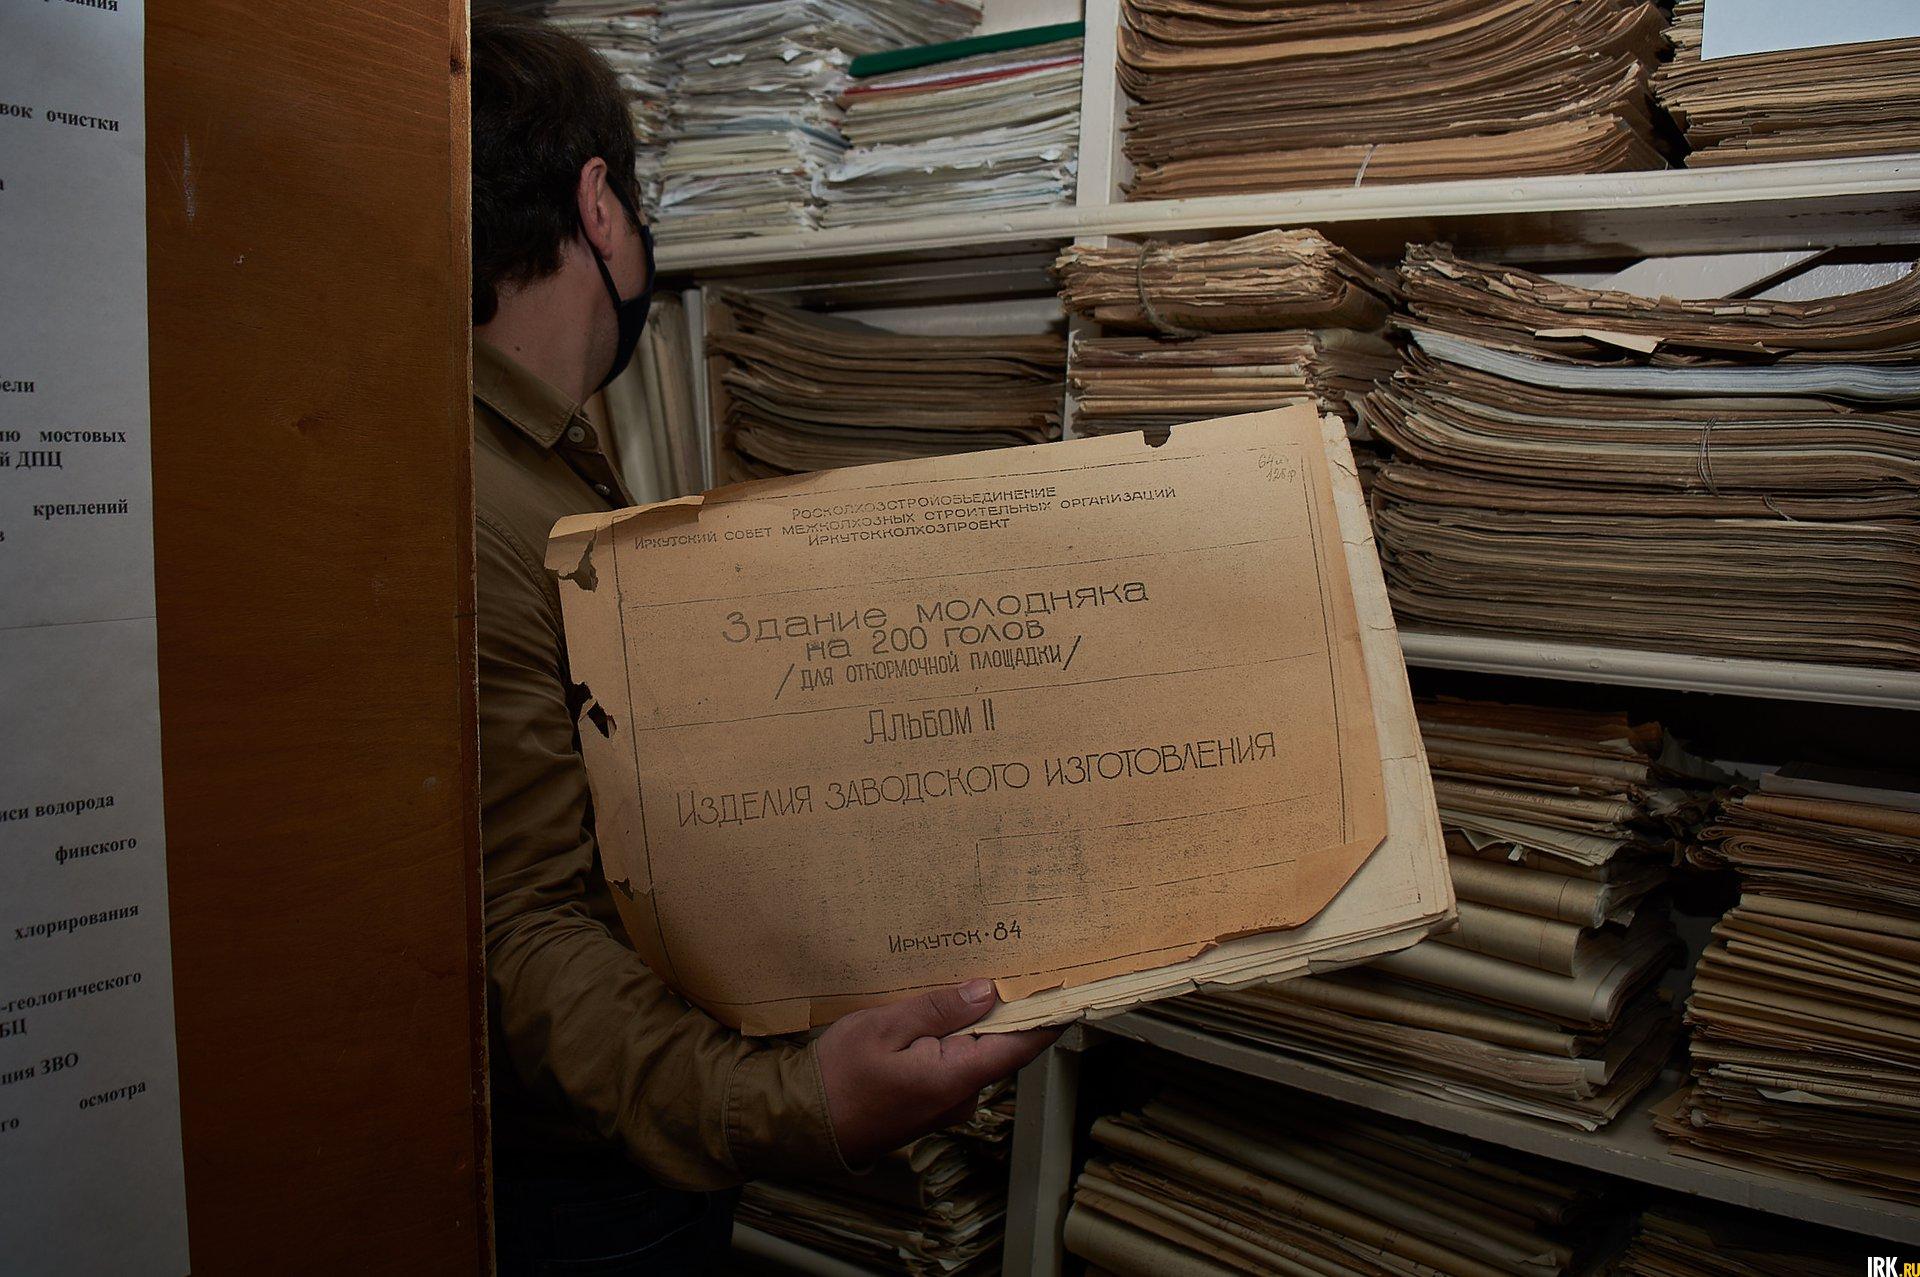 В помещении - стеллажи с десятками тысяч папок